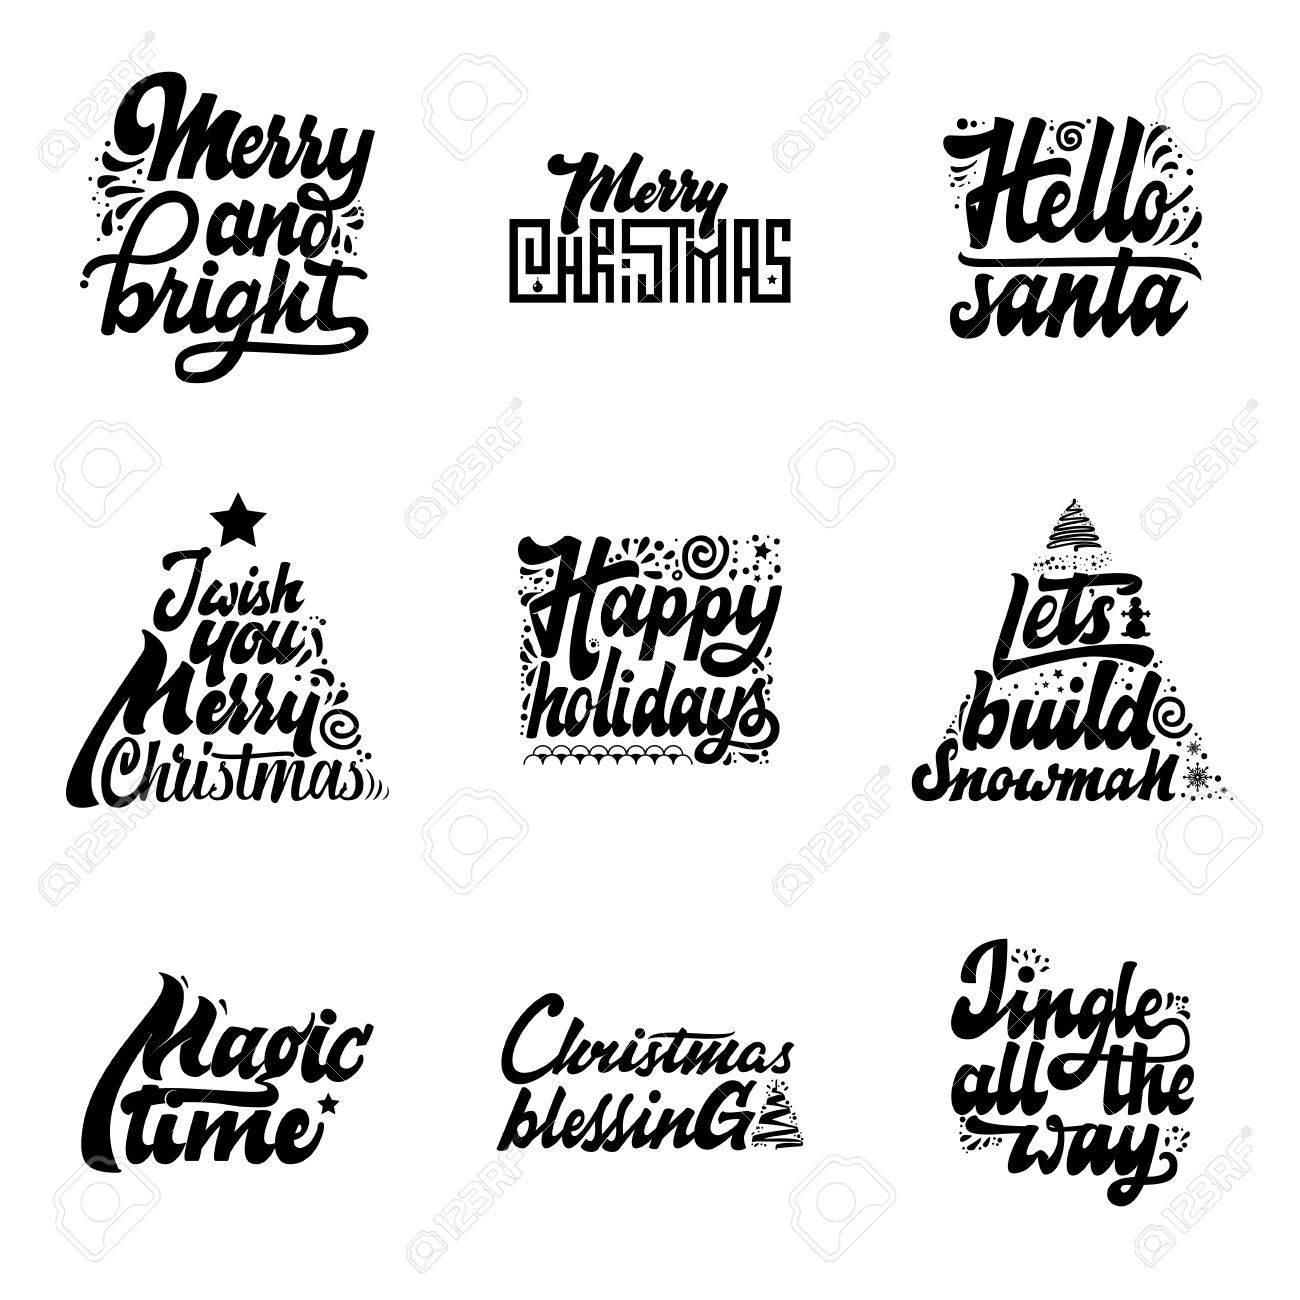 Frases De Navidad Feliz Y Brillante Hola Santa Te Deseo Felices Fiestas Permite Construir Muñeco De Nieve Tiempo De Magia Bendiciones Tintineo